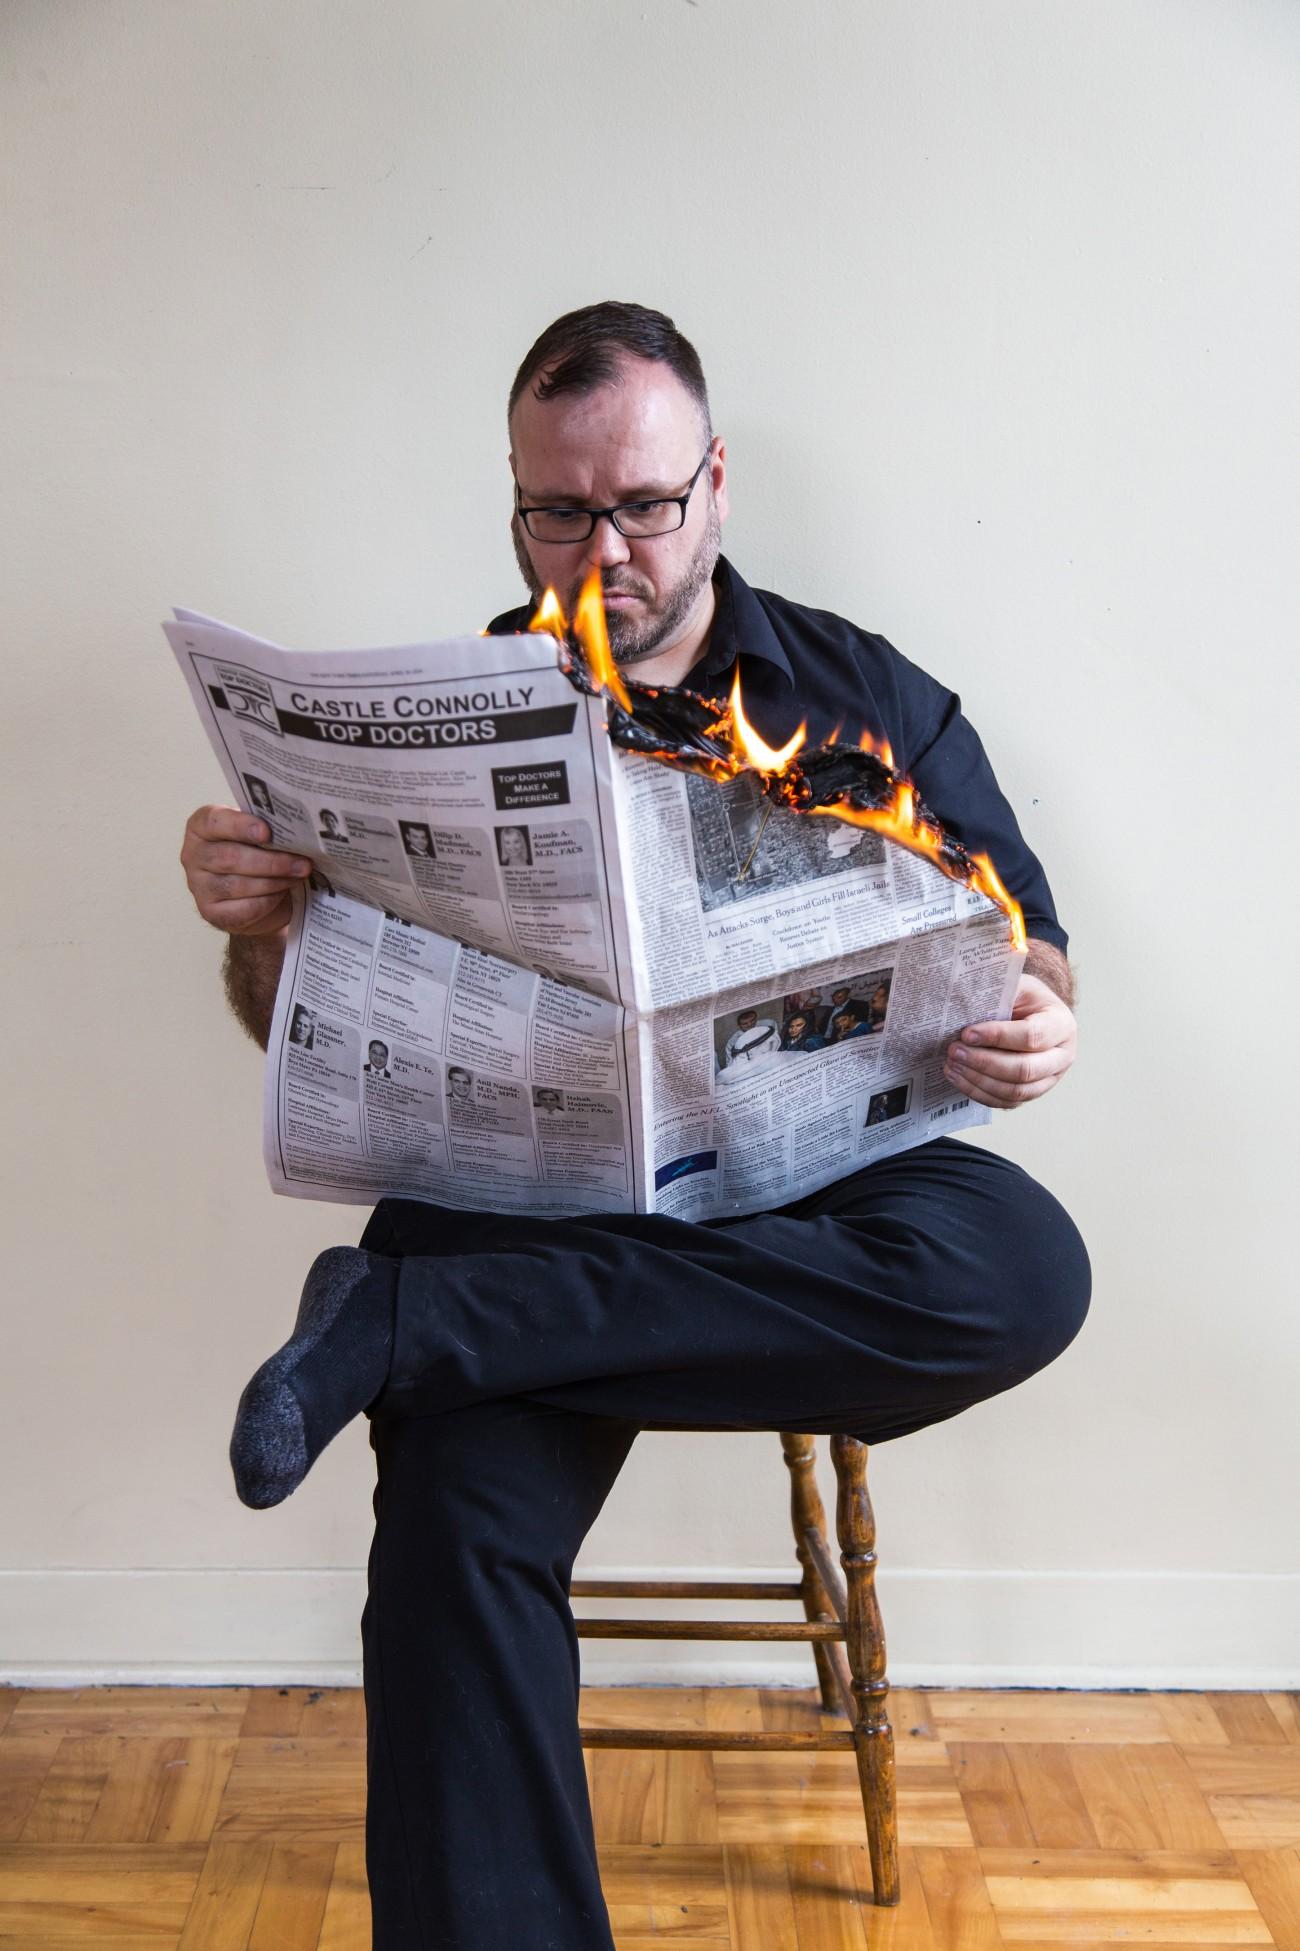 Steve Giasson. Performance invisible n° 110 (Faire de la rétention d'information). Reenactment de EndreTót. I am reading a burning newspaper / Égő újságot olvasok. 1972/74. Performeur : Steve Giasson. Crédit photographique : Daniel Roy. 1er mai 2016.